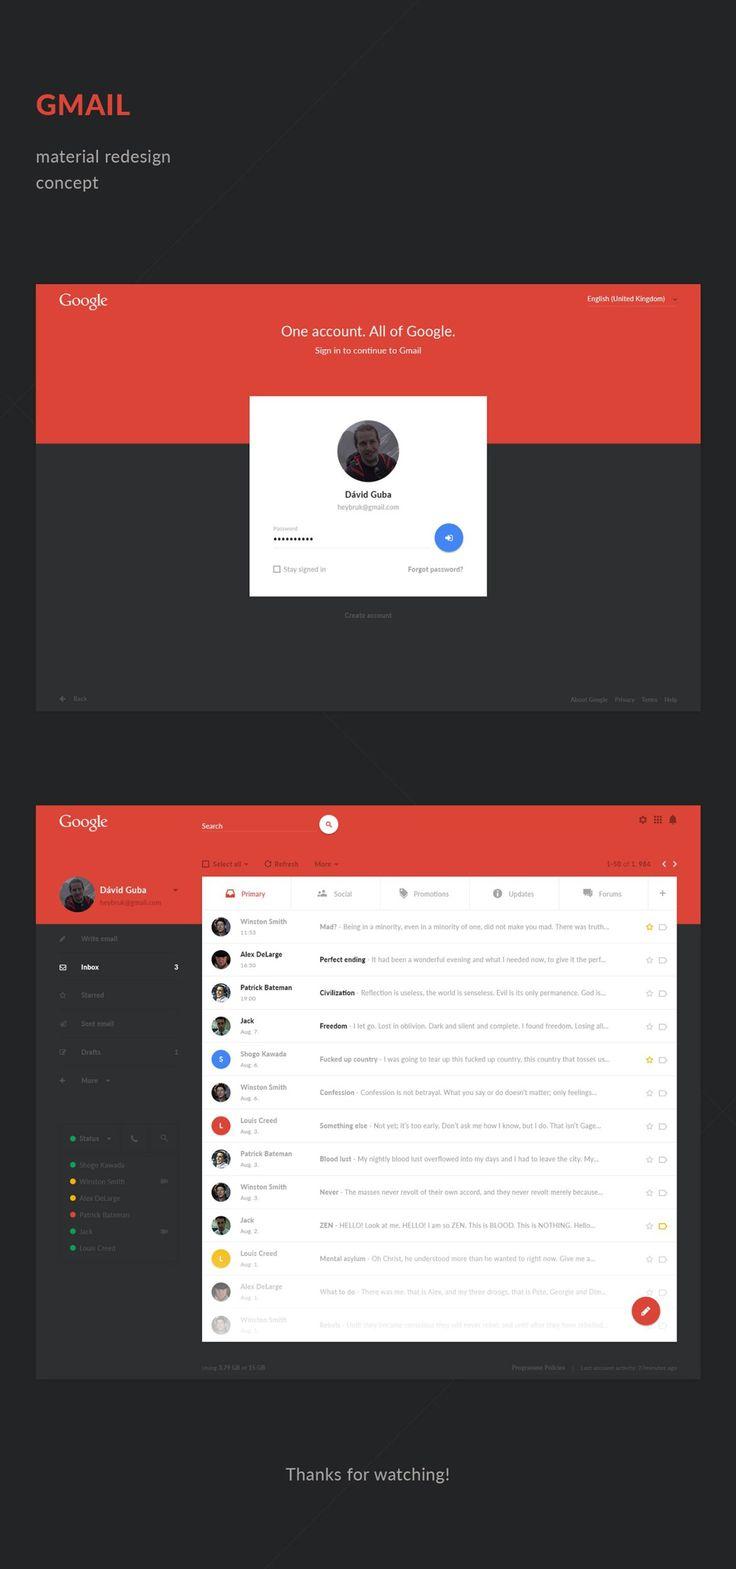 Projetos de redesign dos sites mais famosos da web (Gmail Redesign)